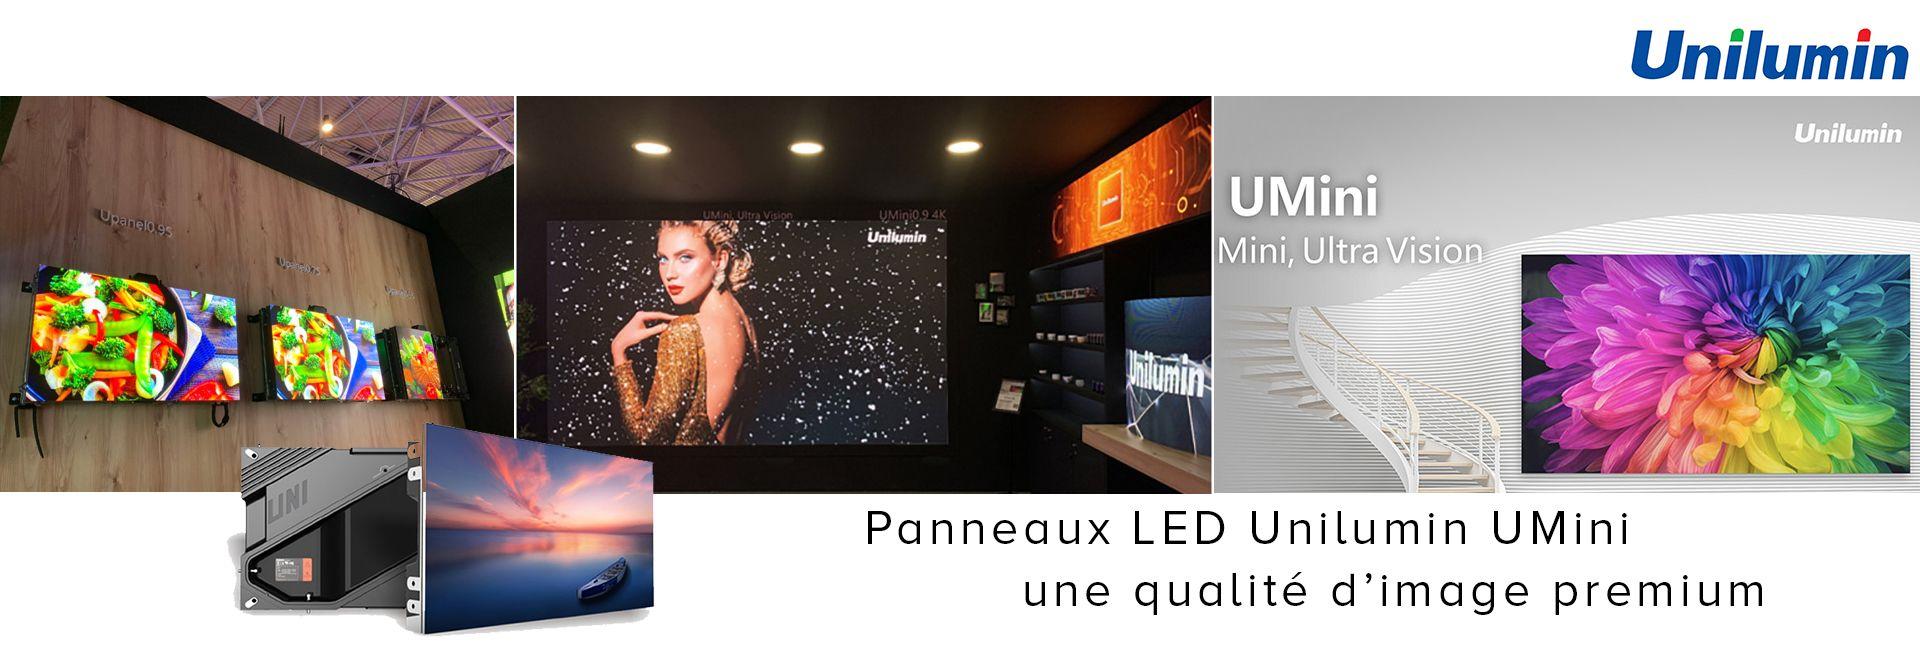 Panneaux LED Unilumin UMini : une qualité d'image premium